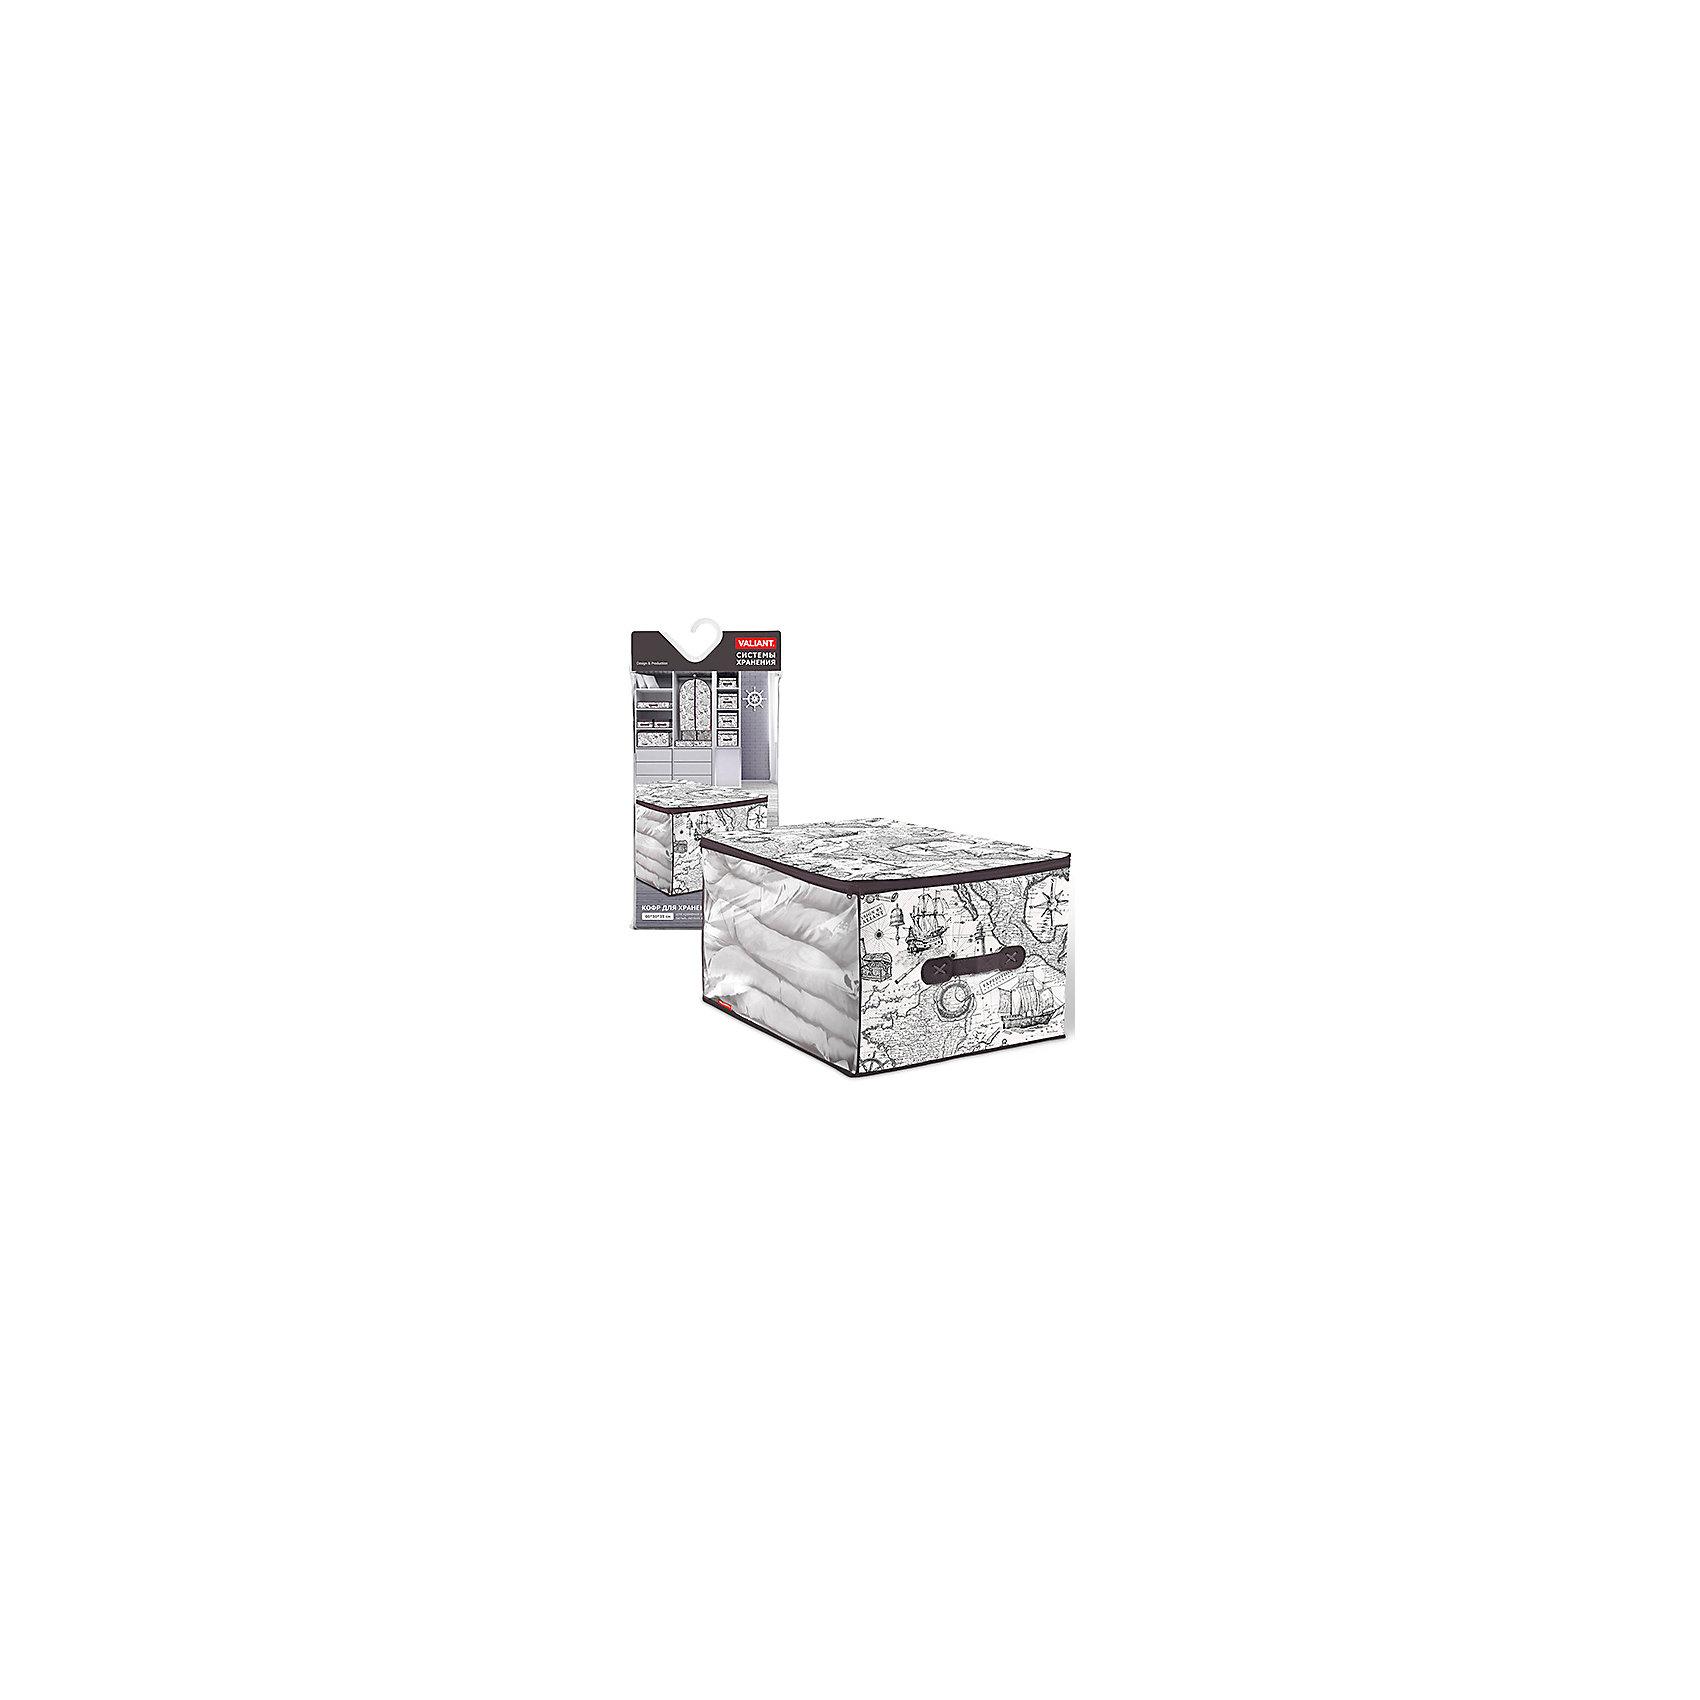 VALIANT Кофр для хранения, большой, 60*50*35 см, EXPEDITION, Valiant cisa12011 60 50 в москве